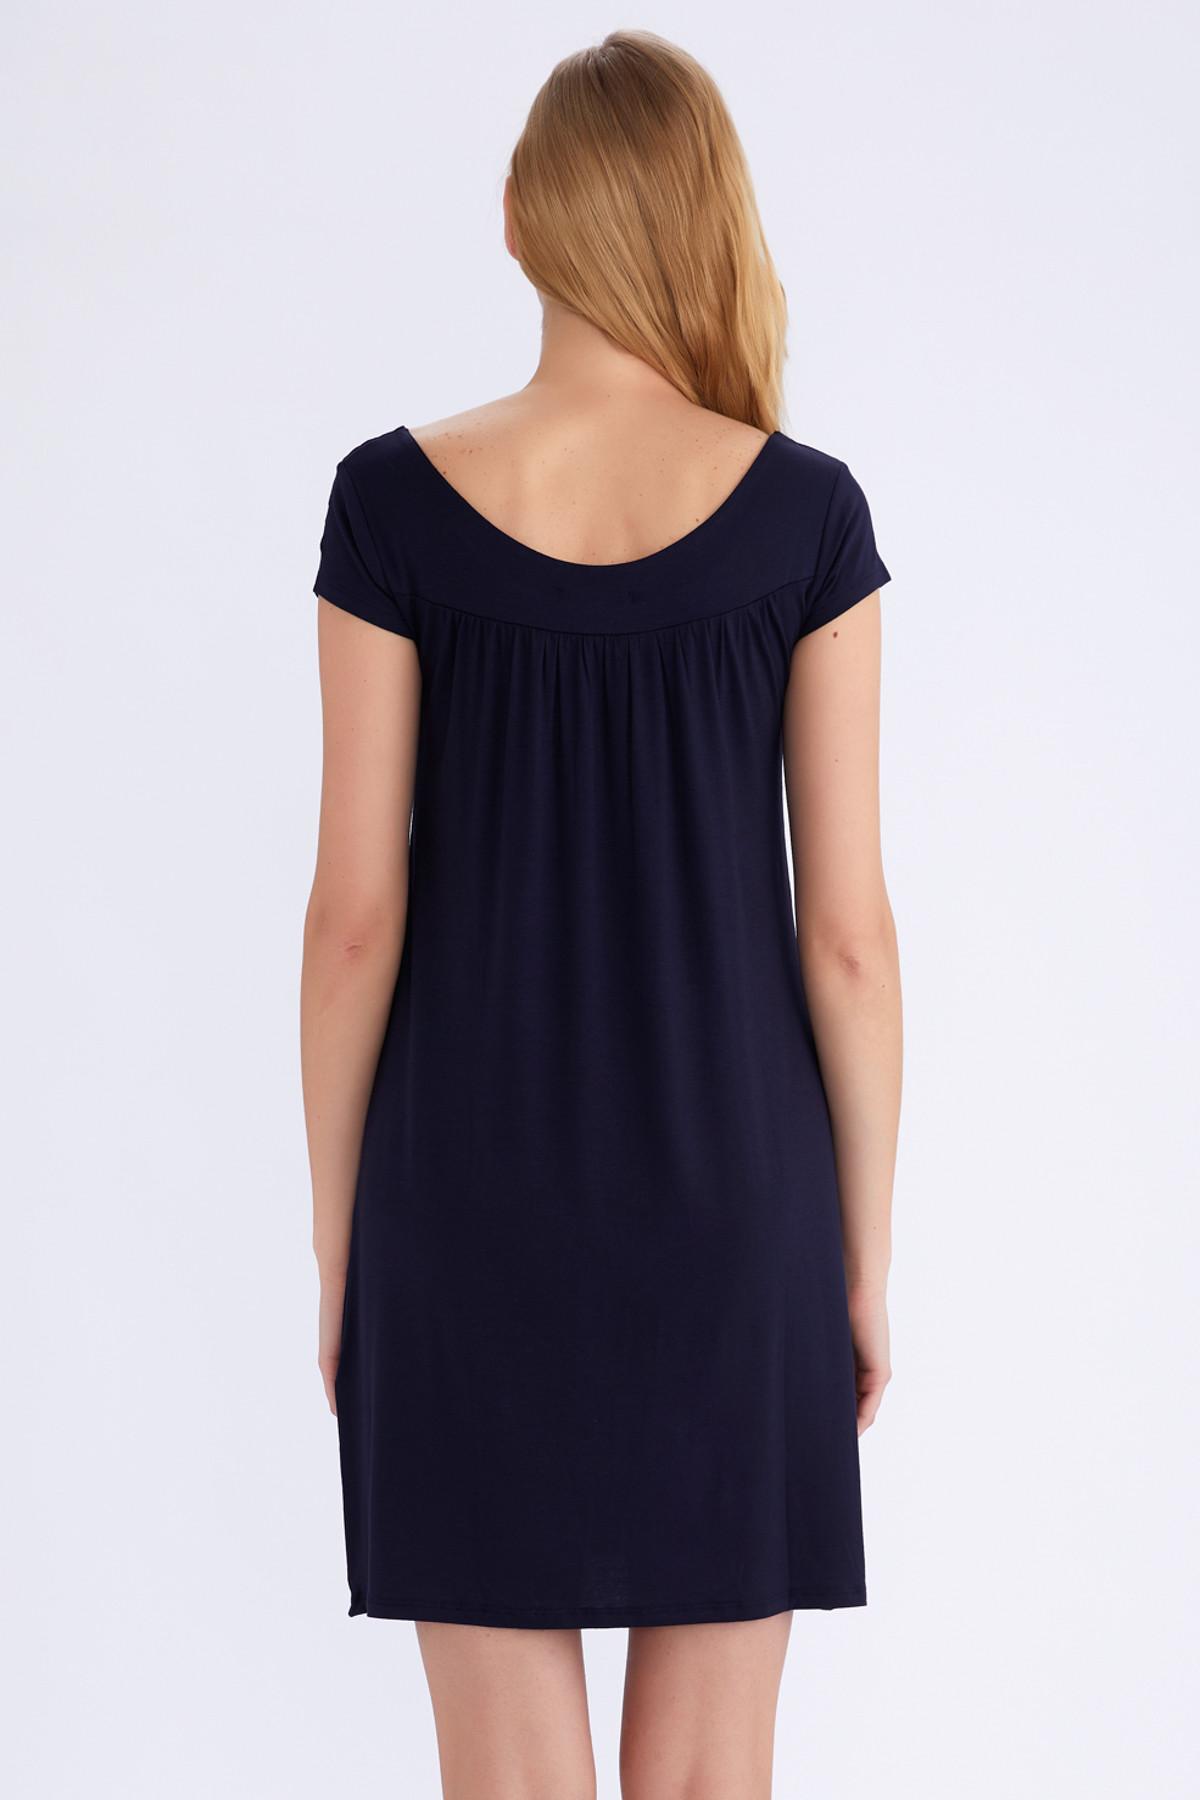 AYYILDIZ Kadın Lacivert Düz Elbise 59333 2